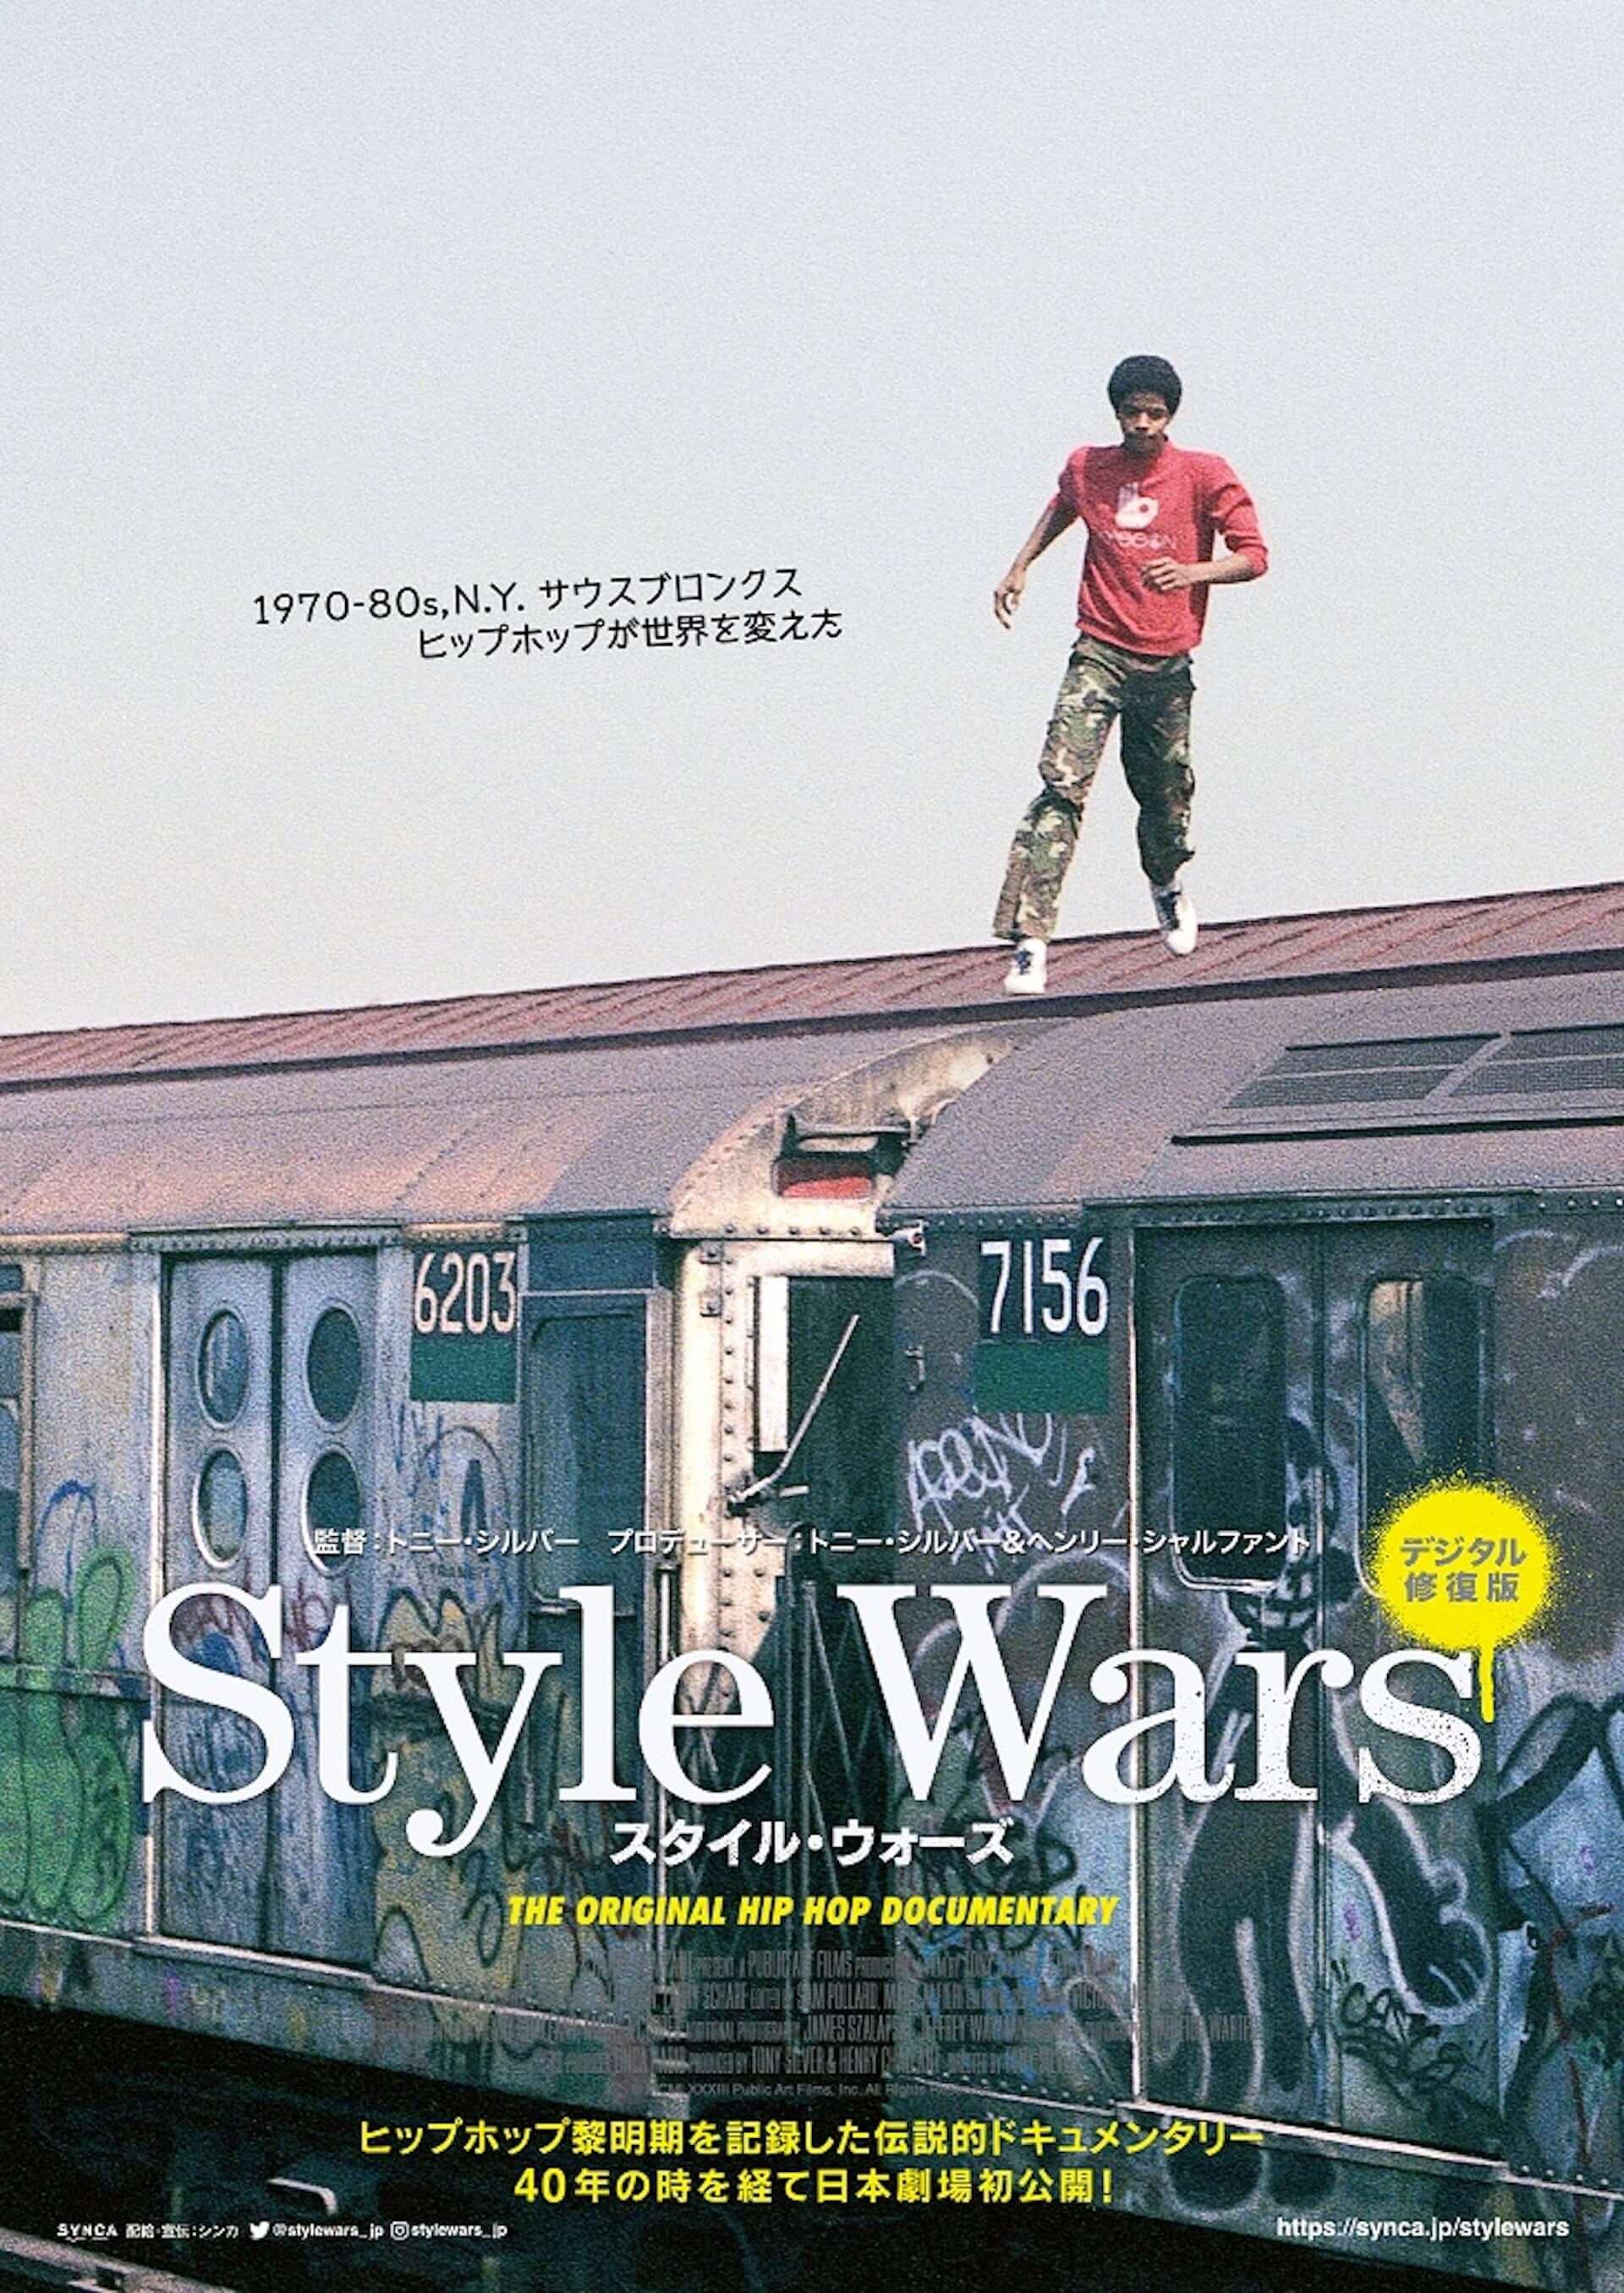 伝説的ドキュメンタリー『Style Wars』の日本公開記念!渋谷PARCO・ホワイトシネクイントにて『ジュース』『ポケットいっぱいの涙』が上映決定 film210310_stylewars_2-1920x2711